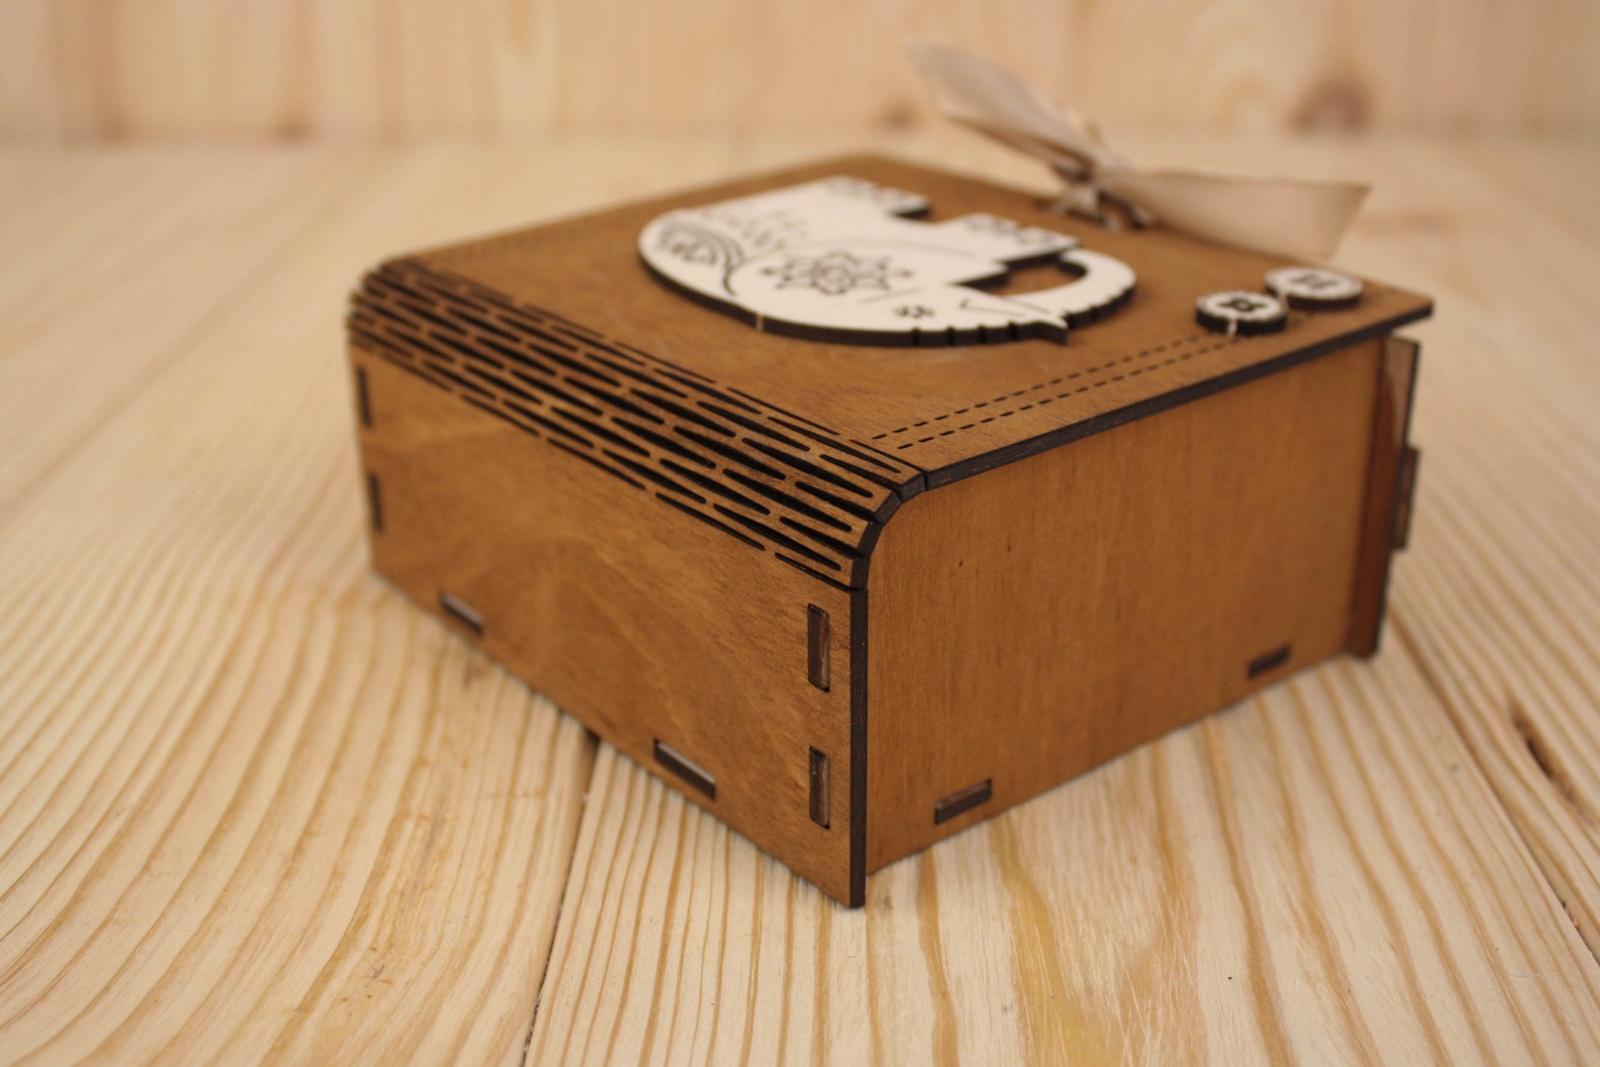 Подарочная упаковка Мастер Дизайн ПУ385001700, коричневый подарочная упаковка мастер дизайн пу385001700 коричневый